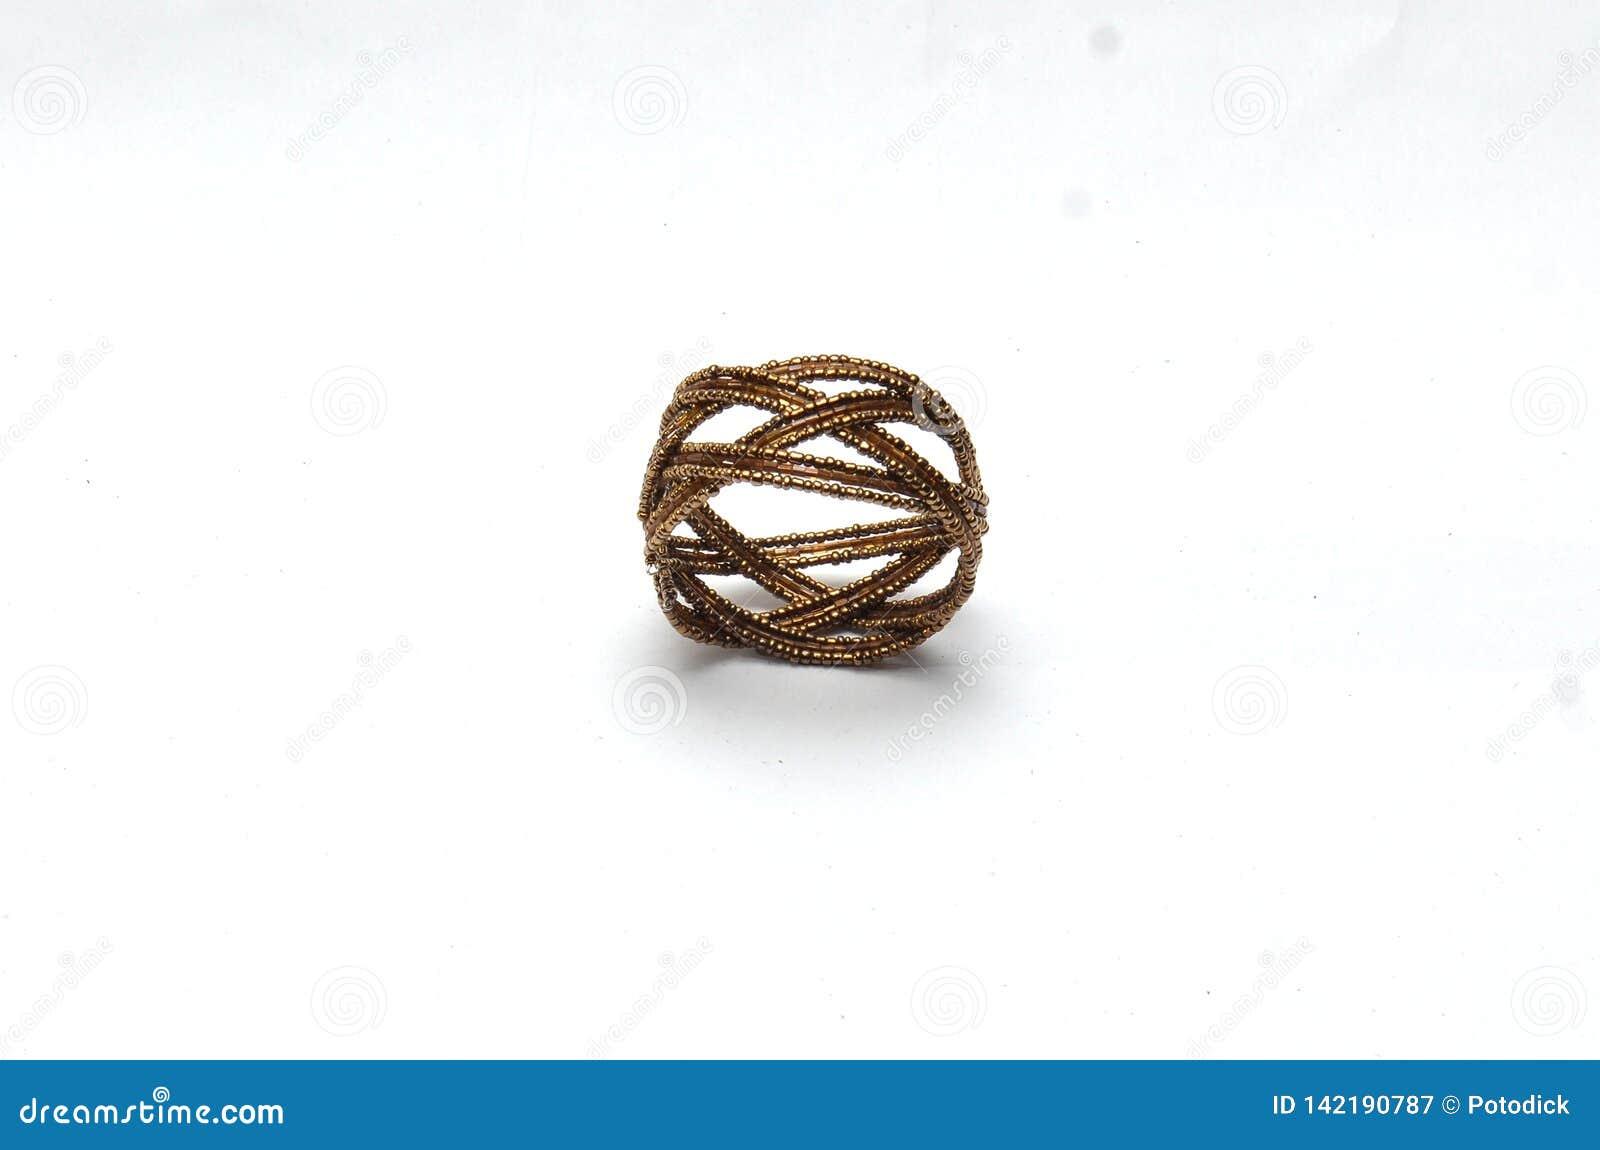 Пластиковые кольца и браслеты в цепи темного коричневого цвета